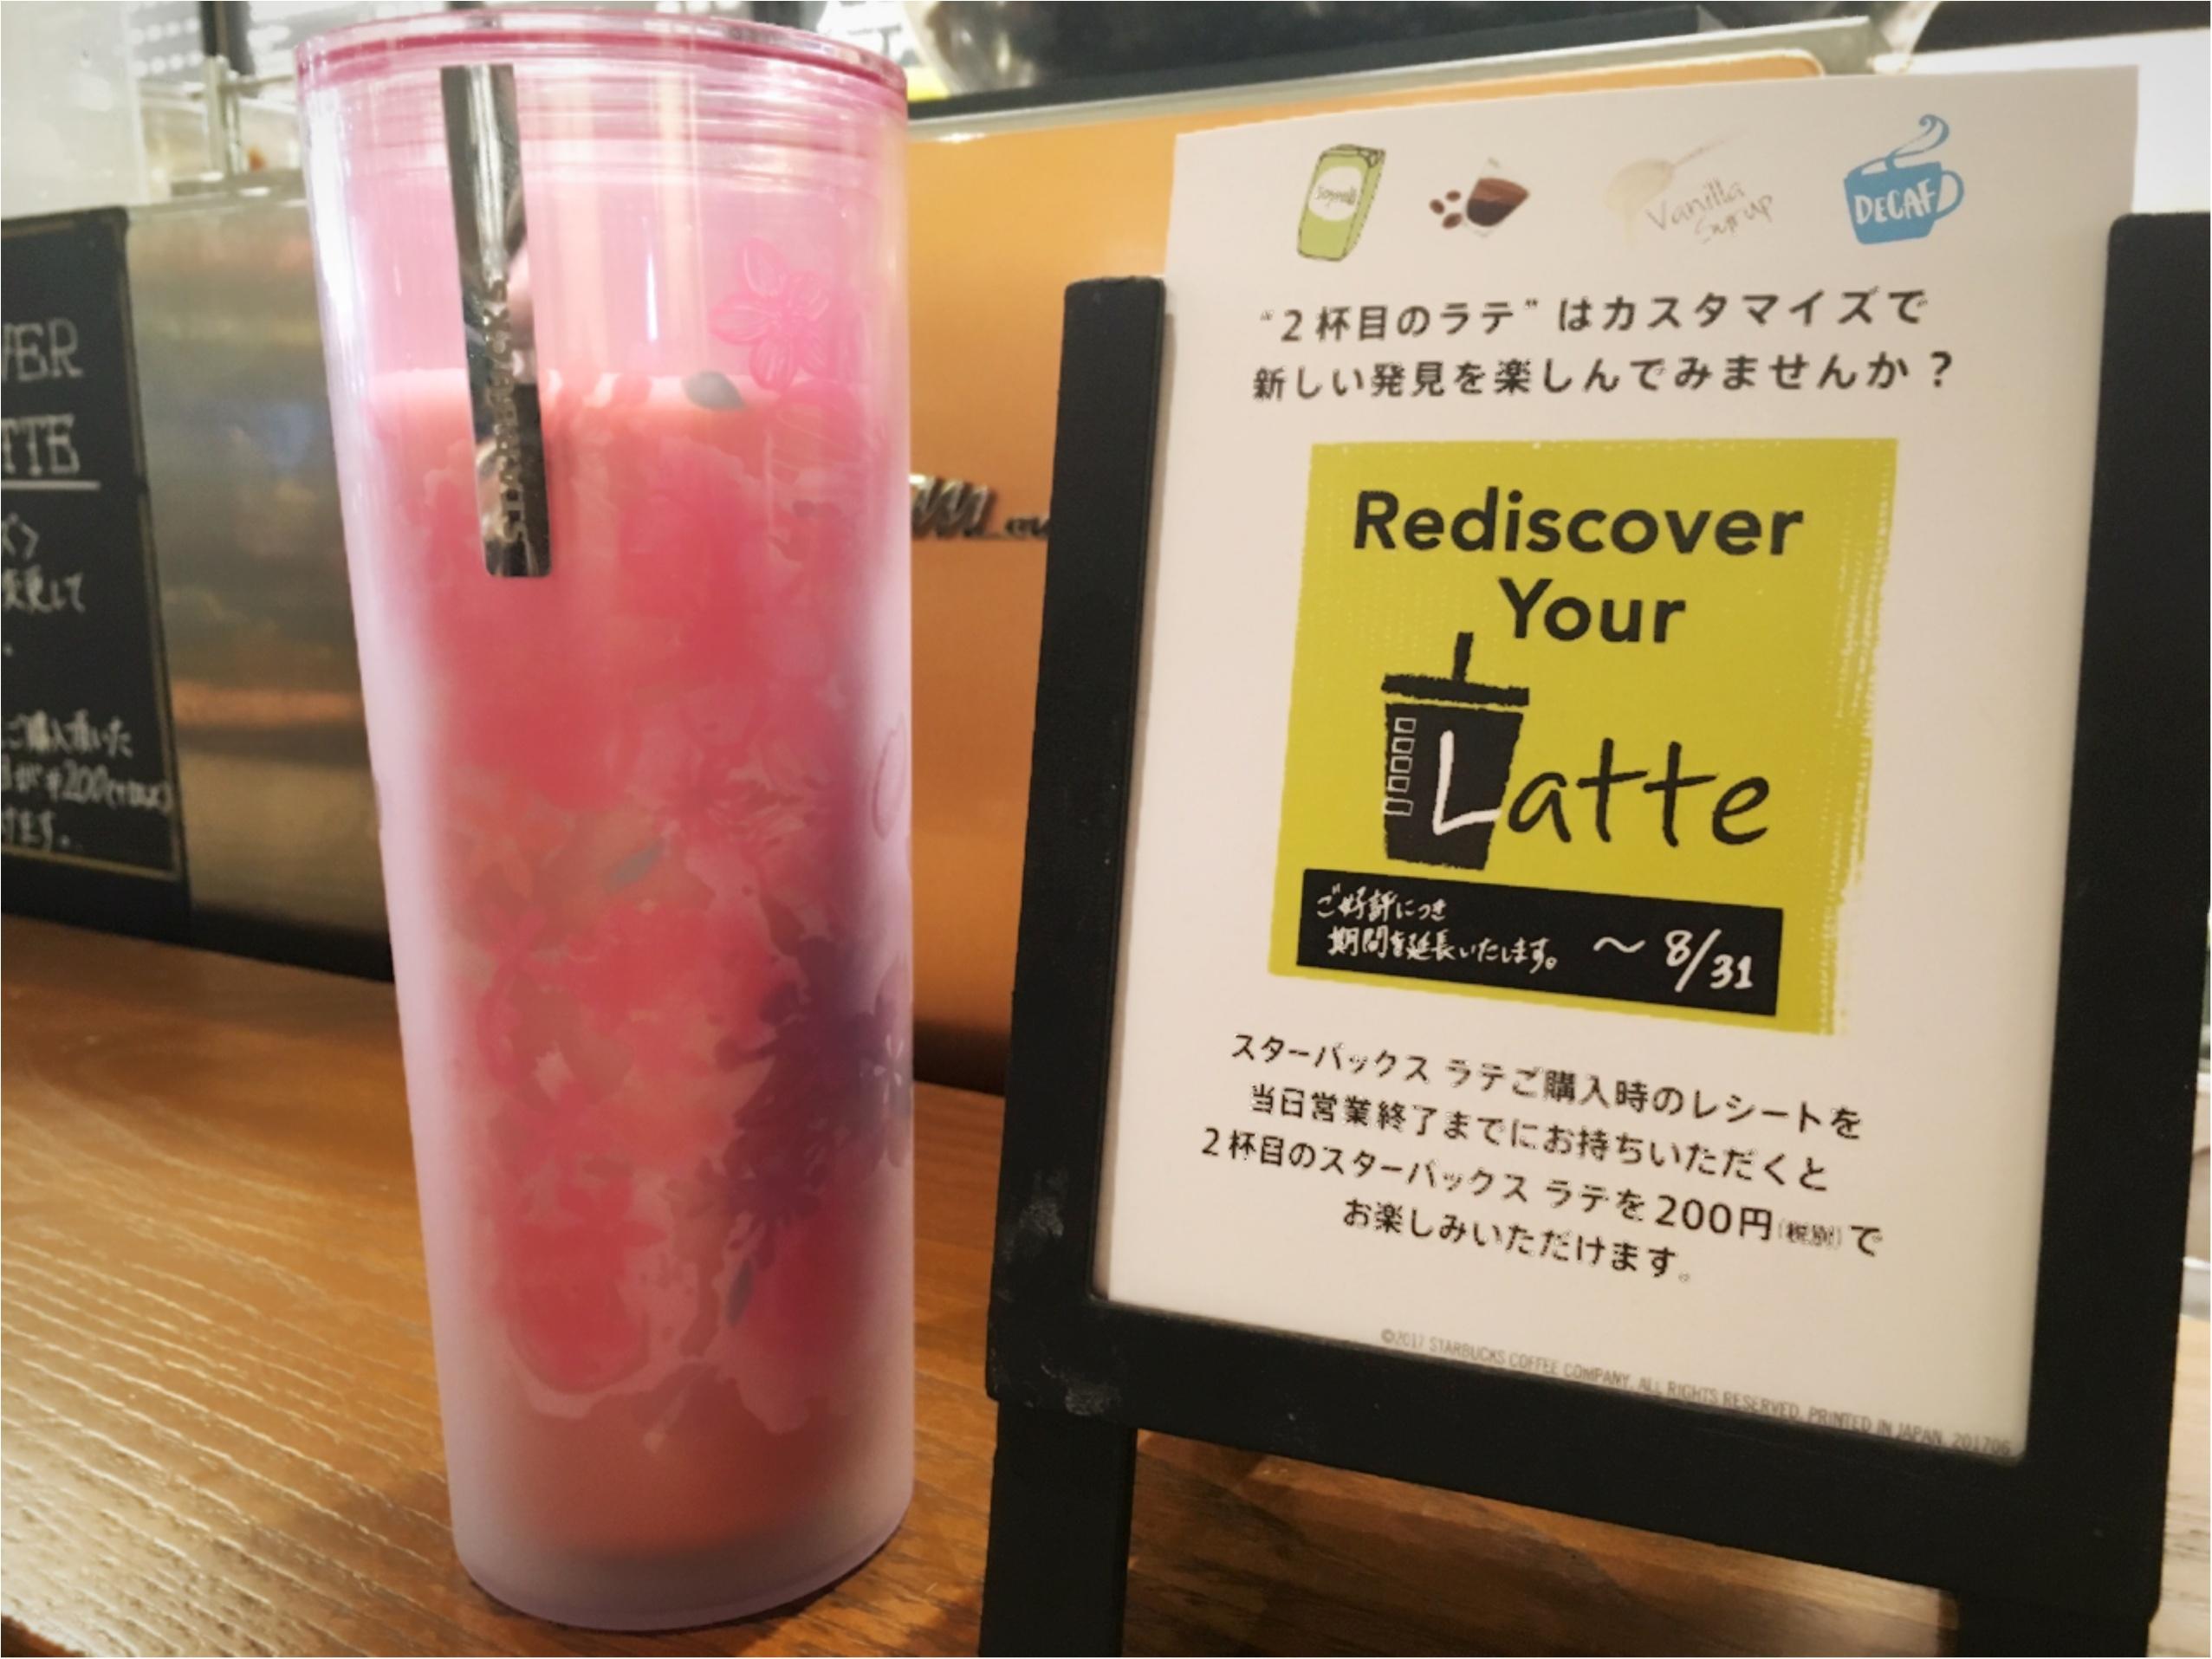 【8/31まで!】好評につき期間延長!スタバのカフェラテが2杯目200円‼︎どうカスタムする?_1